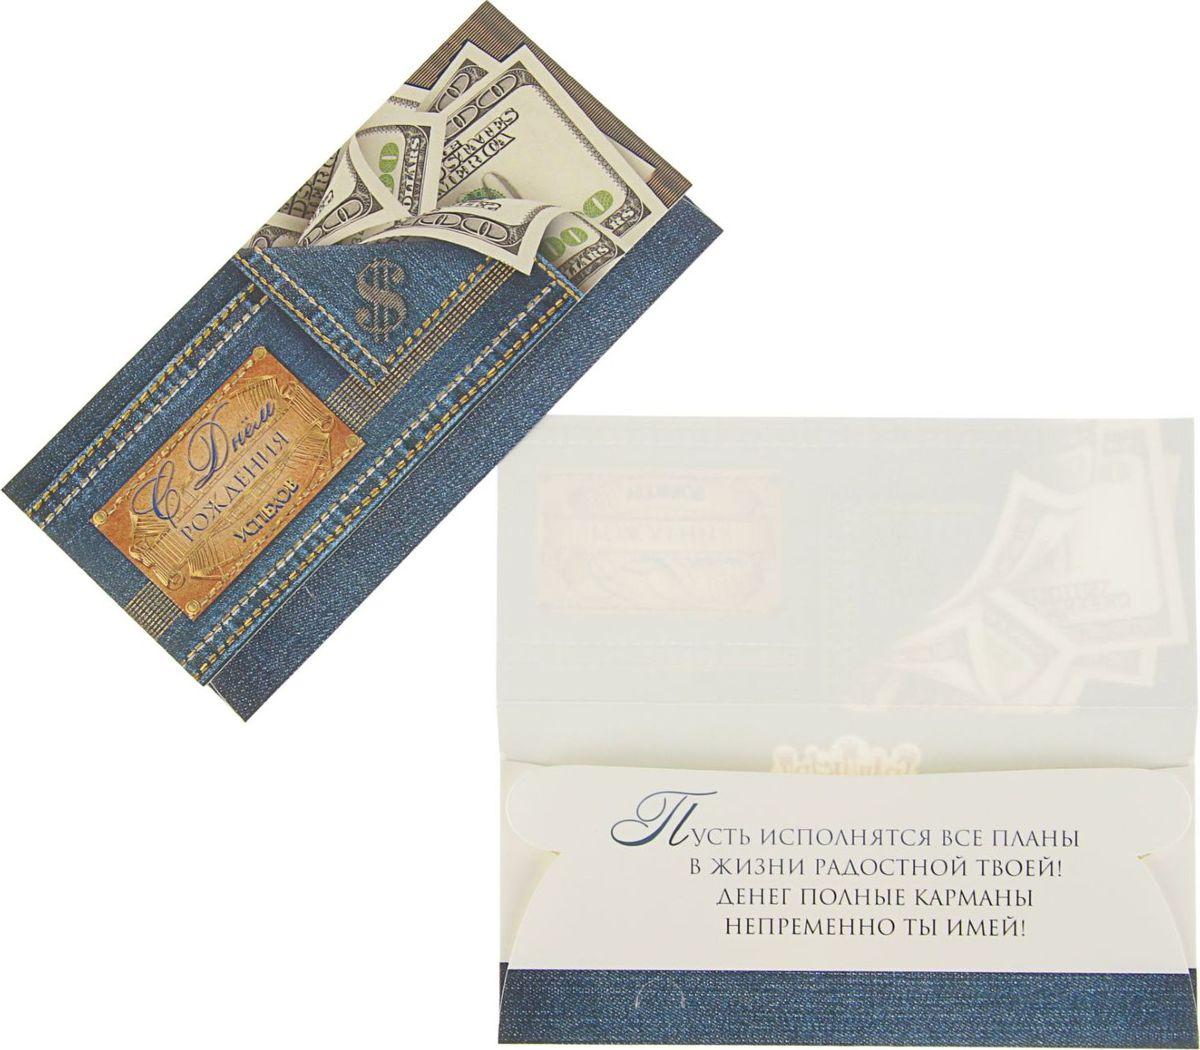 Конверт для денег Гранд Дизайн С Днем Рождения! Джинсовый, доллары, 16,3 х 8,3 см2422919Невозможно представить нашу жизнь без праздников! Мы всегда ждём их и предвкушаем, обдумываем, как проведём памятный день, тщательно выбираем подарки и аксессуары, ведь именно они создают и поддерживают торжественный настрой. Этот конверт для денег - отличный выбор, который привнесёт атмосферу праздника в ваш дом!